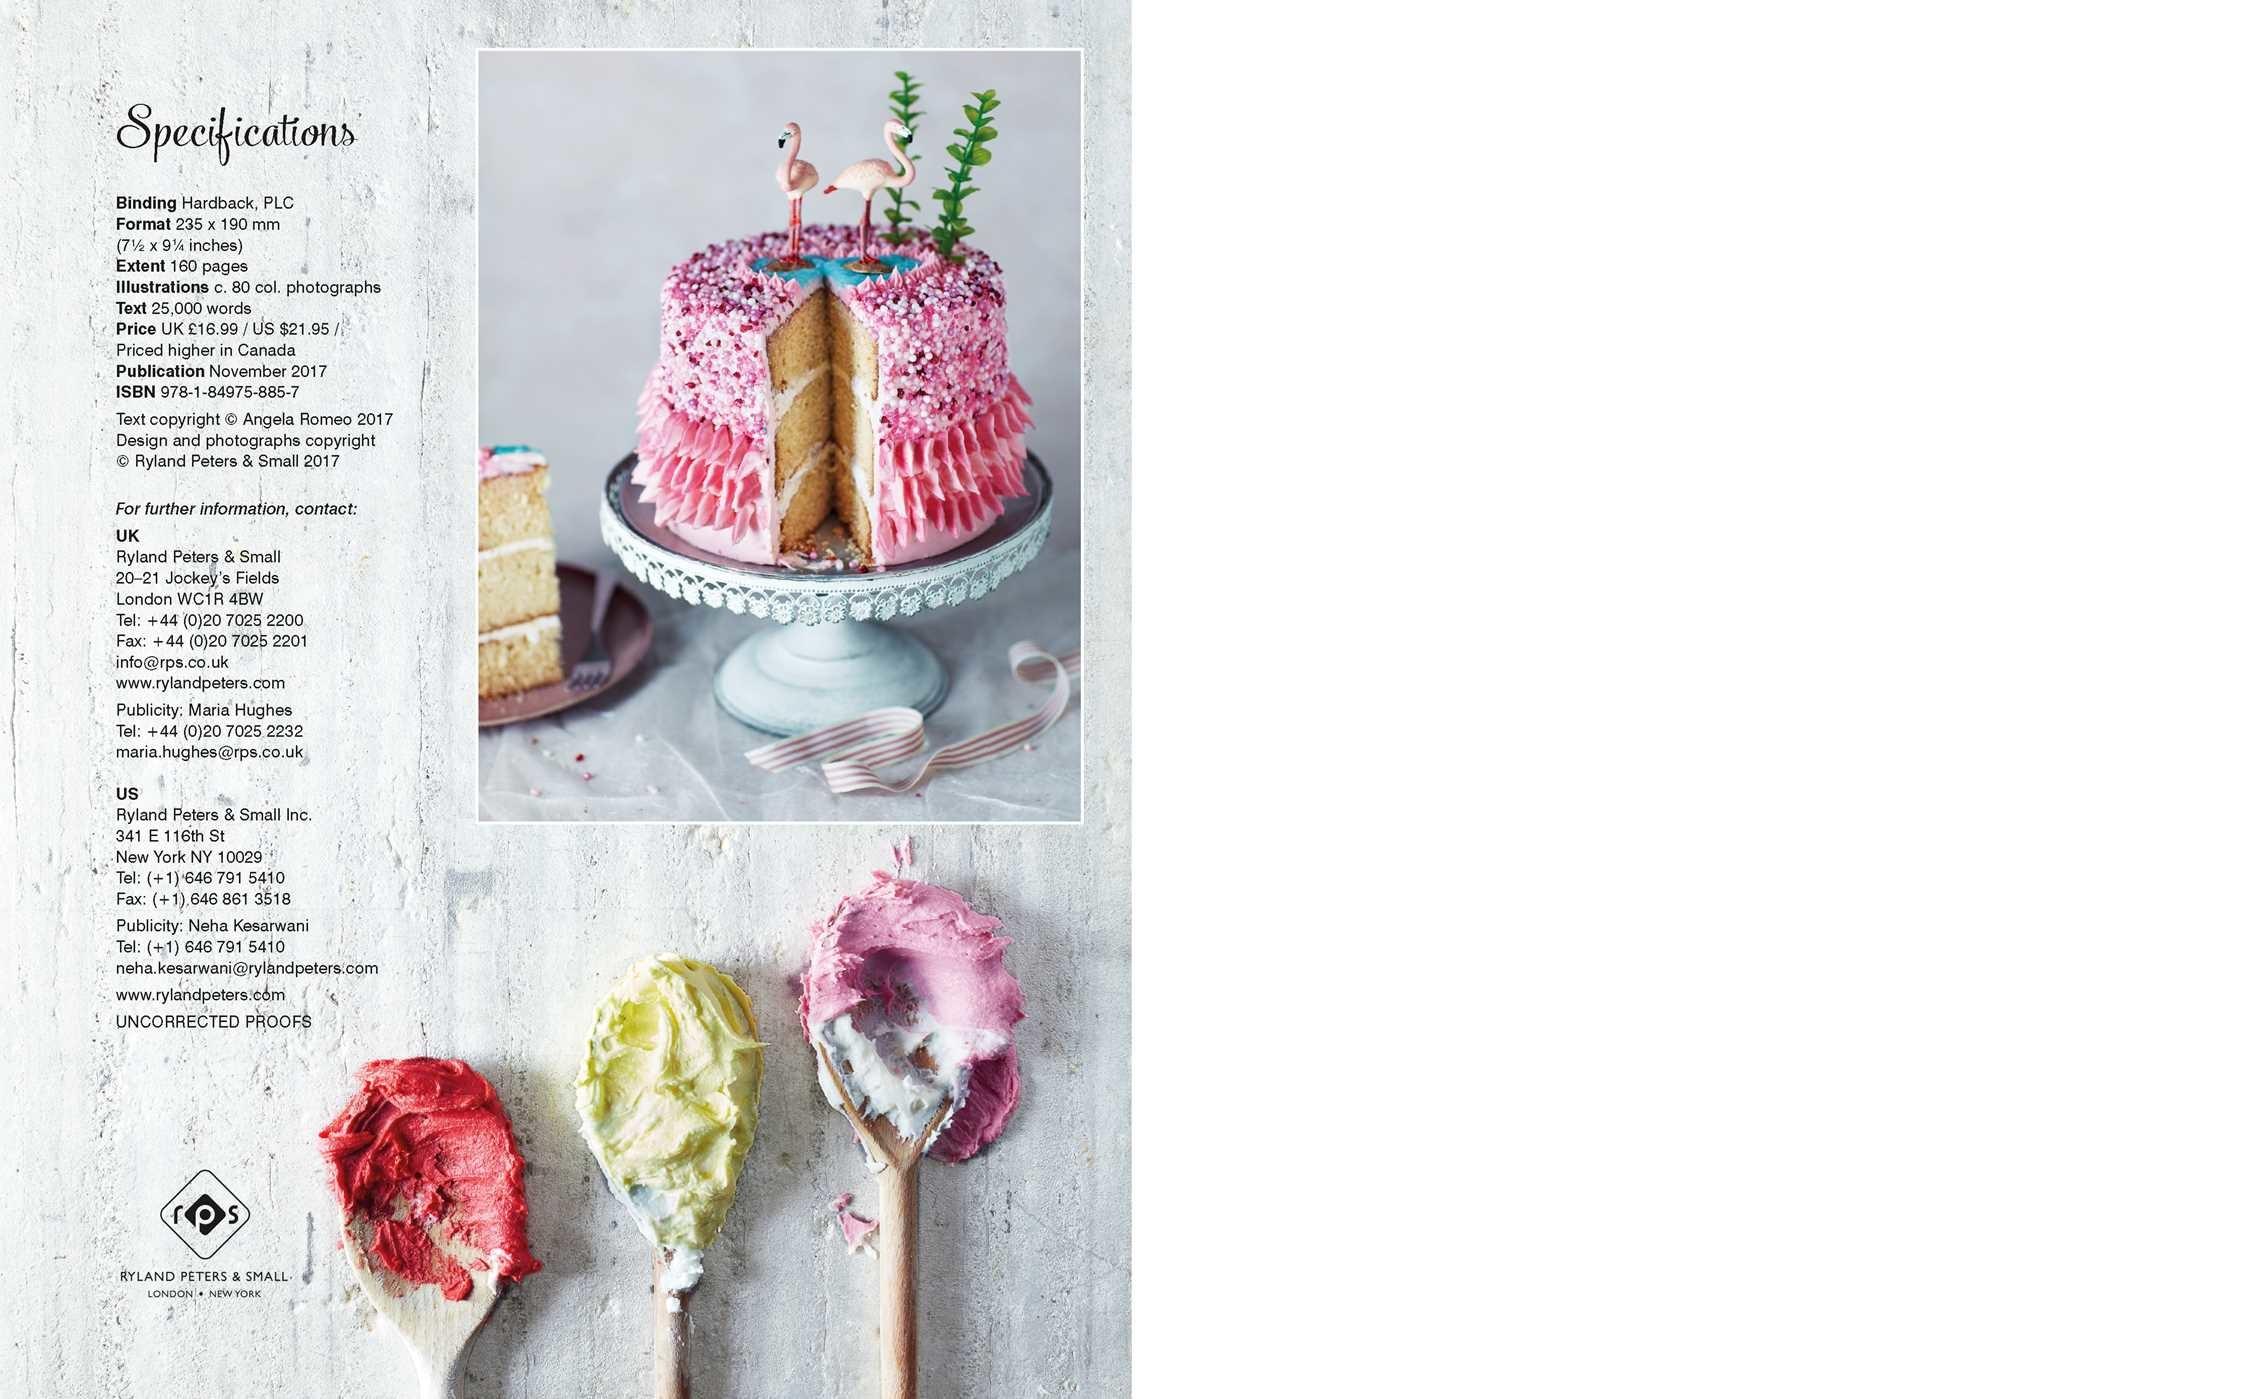 Fantasy cakes 9781849758857.in05